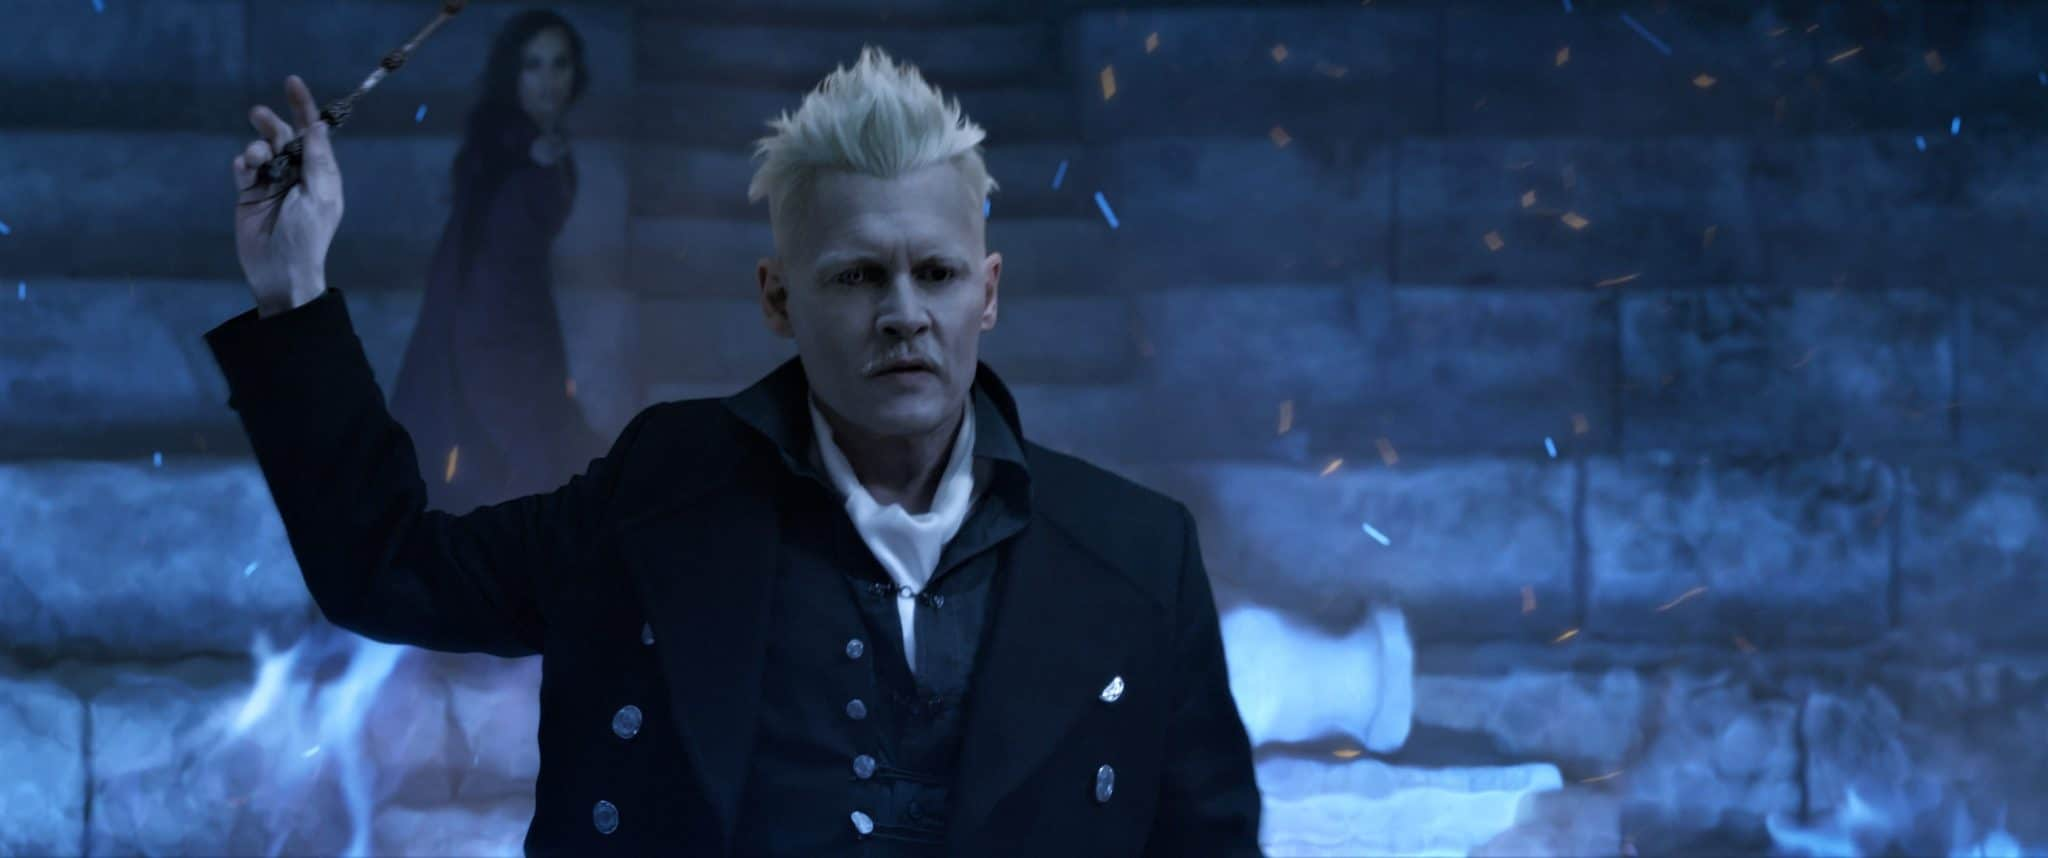 Gellert Grindelwald (Johnny Depp) erhebt bedrohlich seinen Zauberstab in der rechten Hand. Im Hintergrund zielt eine Hexe mit ihrem Stab in seine Richtung.